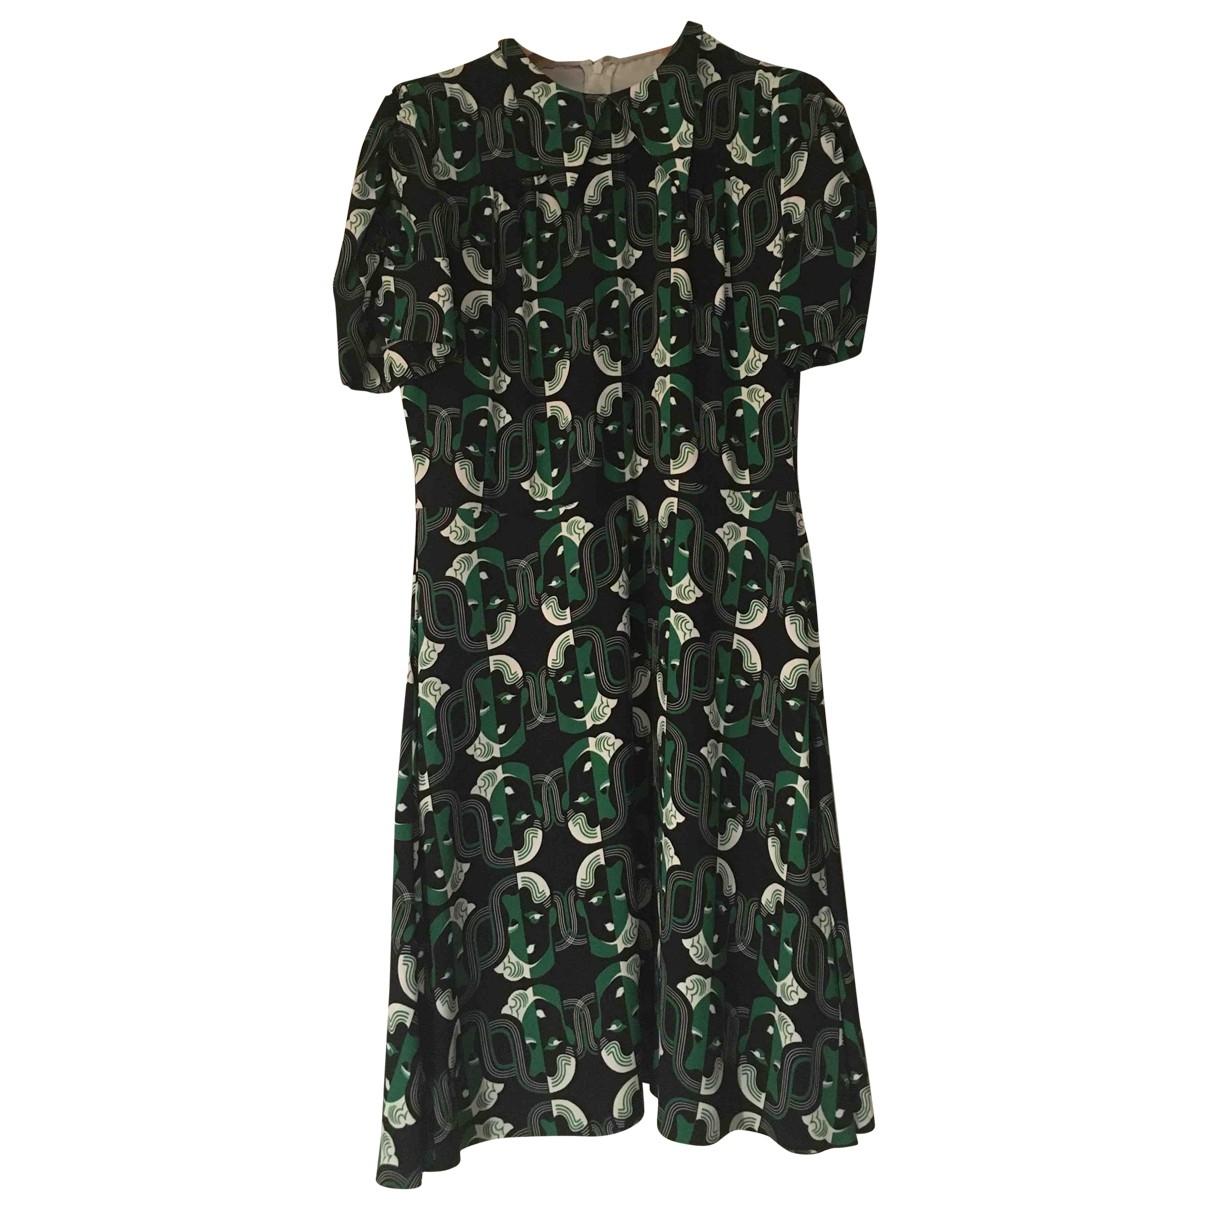 Miu Miu \N Kleid in  Gruen Synthetik